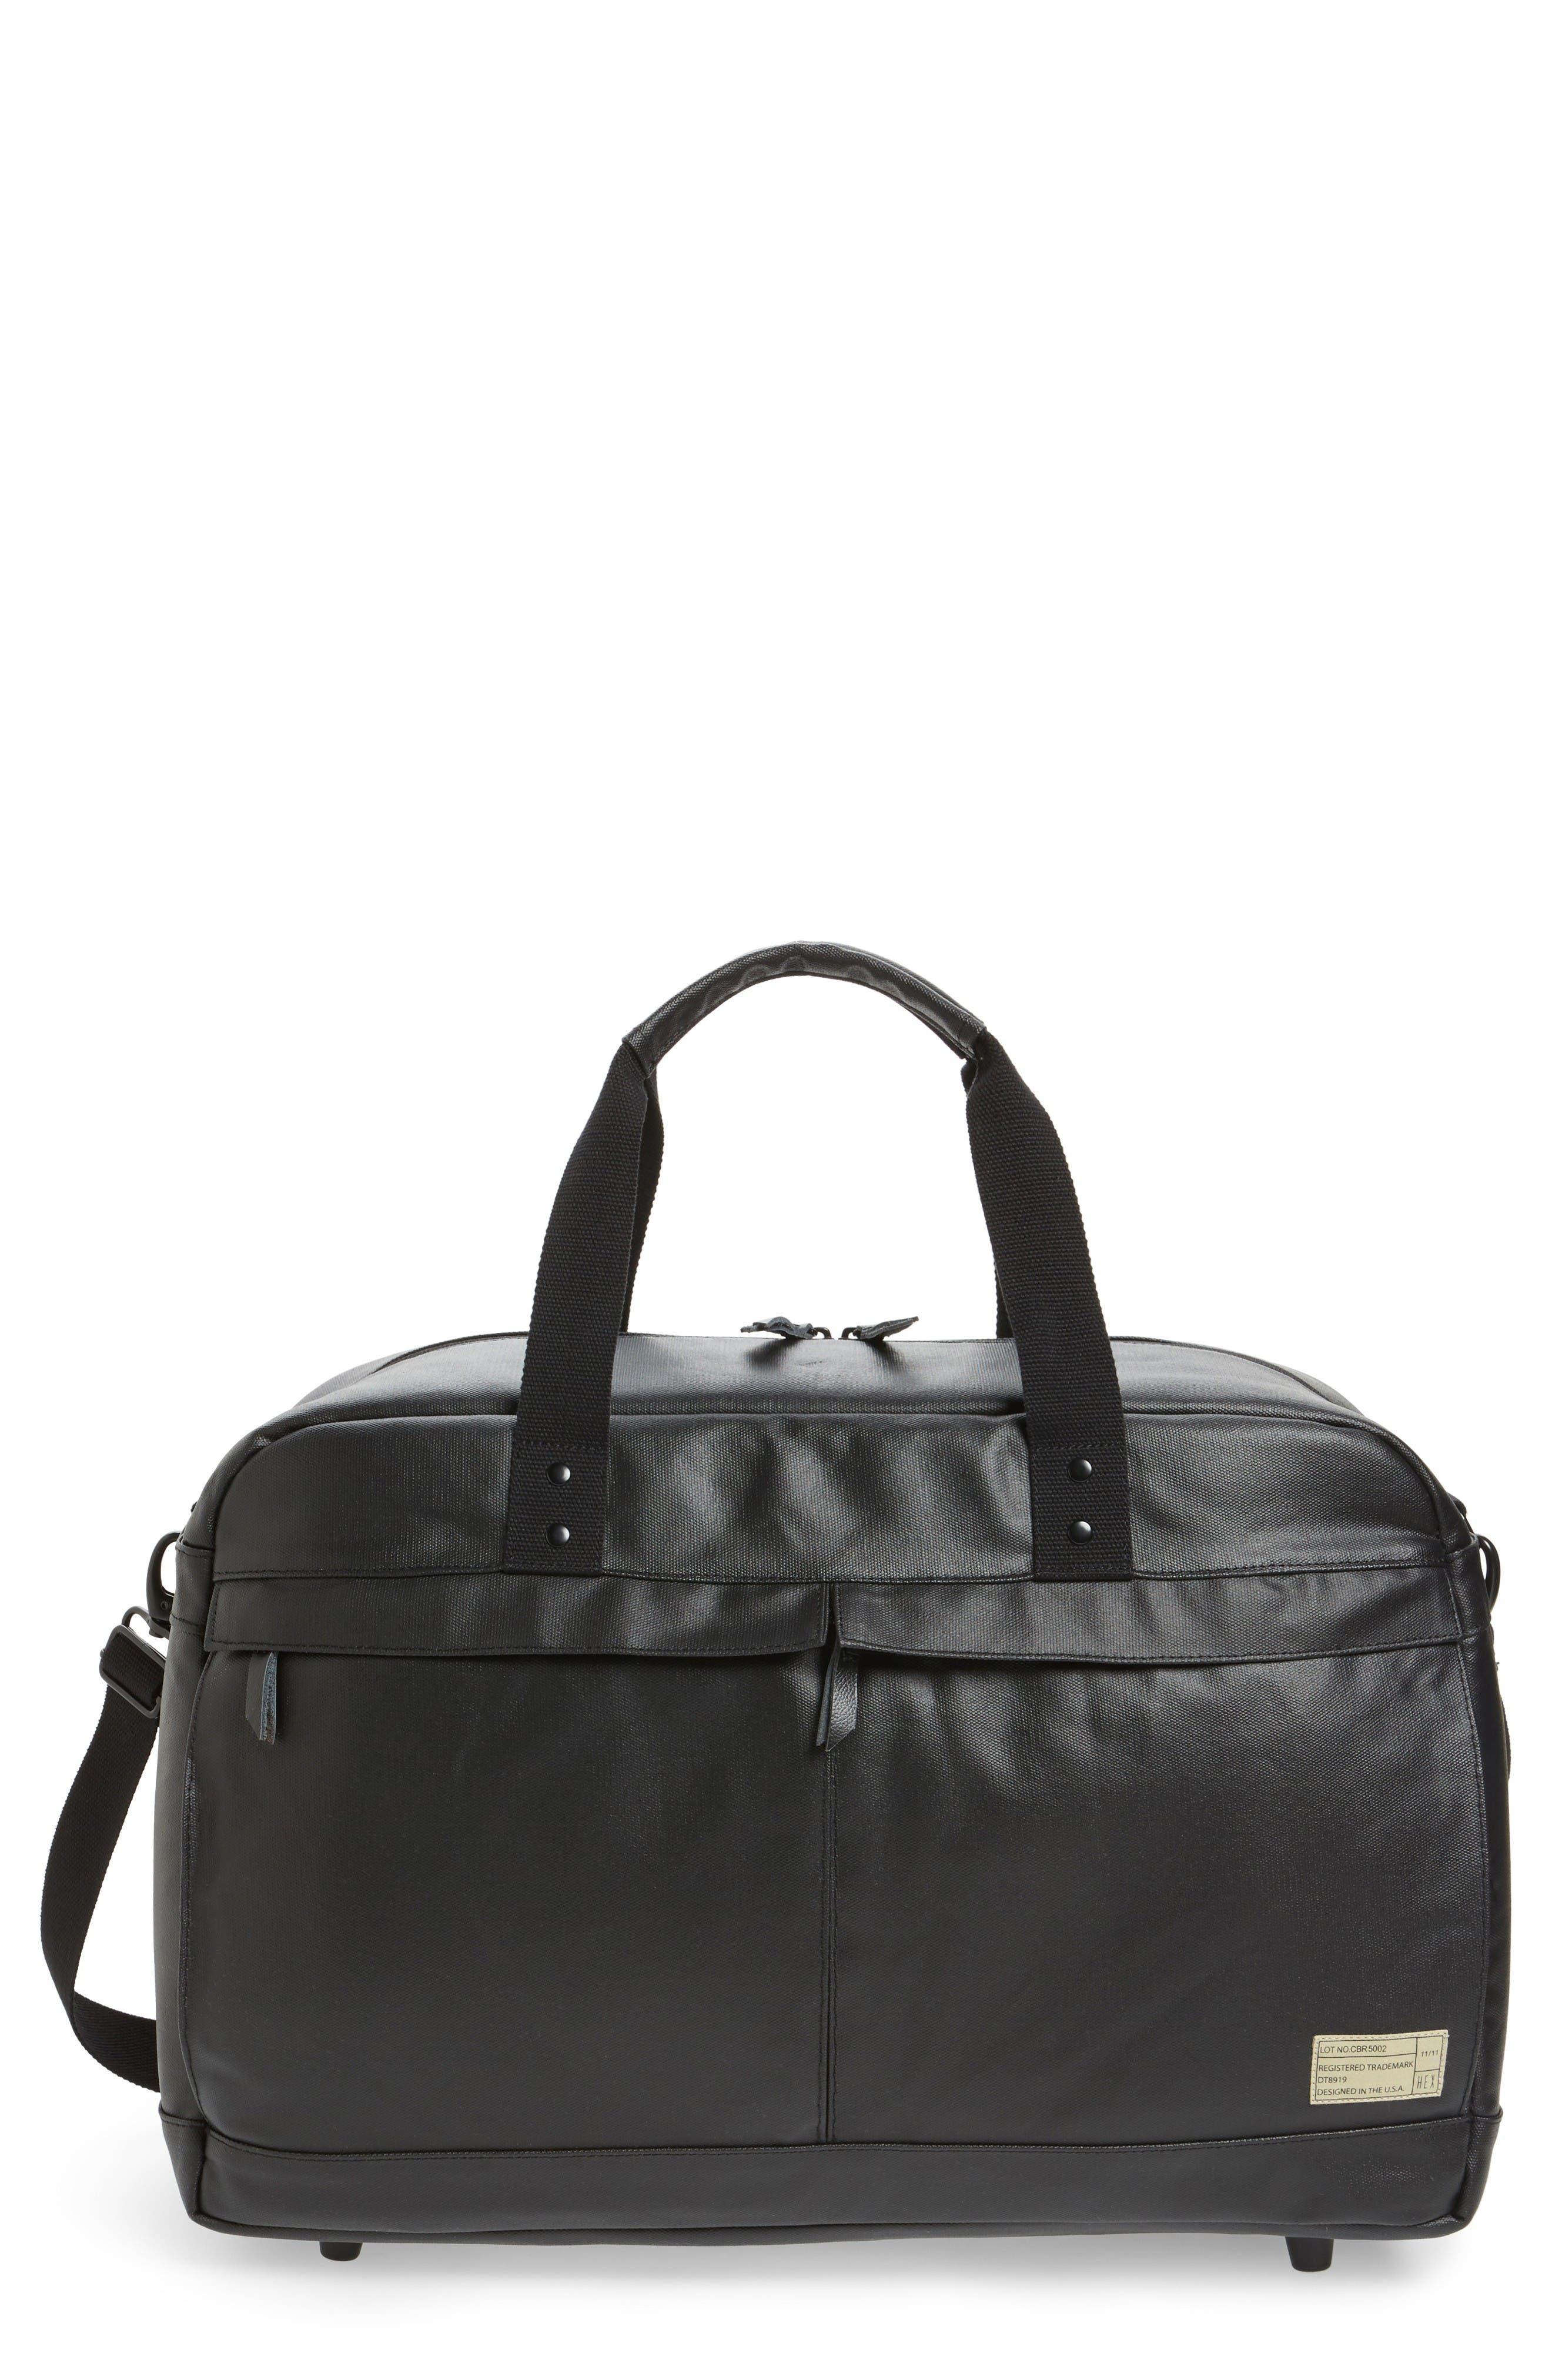 HEX Calibre Duffel Bag